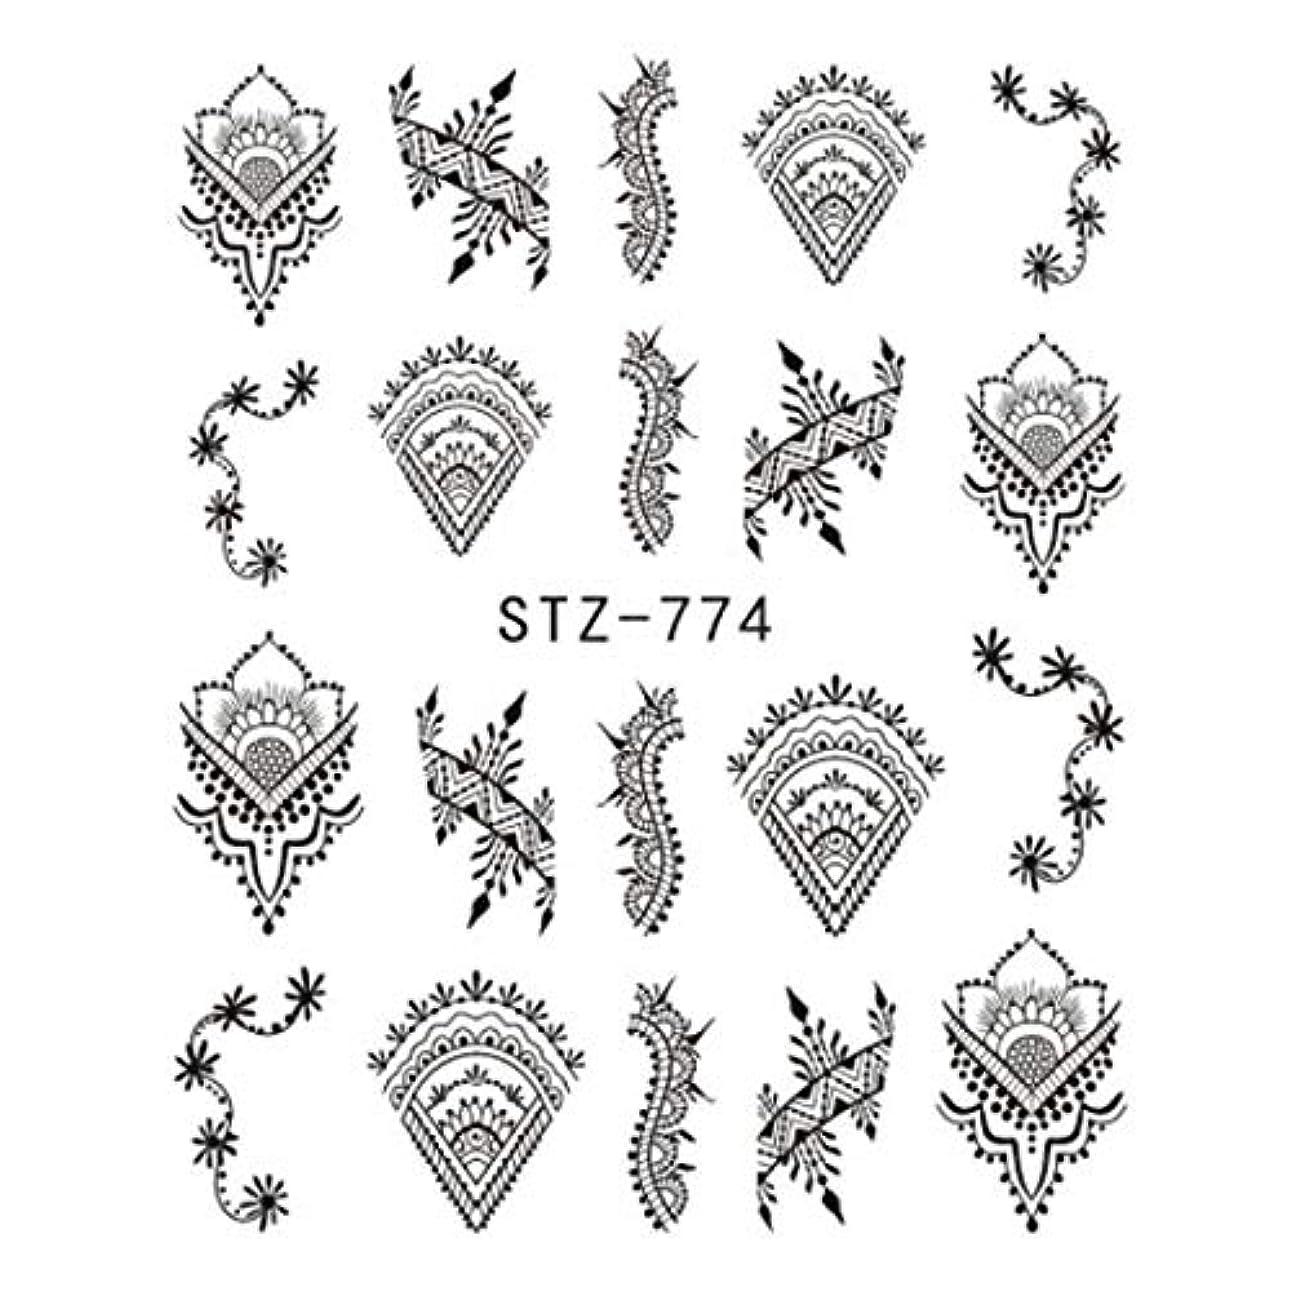 シールパトロン大統領SUKTI&XIAO ネイルステッカー 1ピースネイルステッカー美容黒ネックレスジュエリー水転写スライダー用マニキュアネイルアート装飾、Stz774